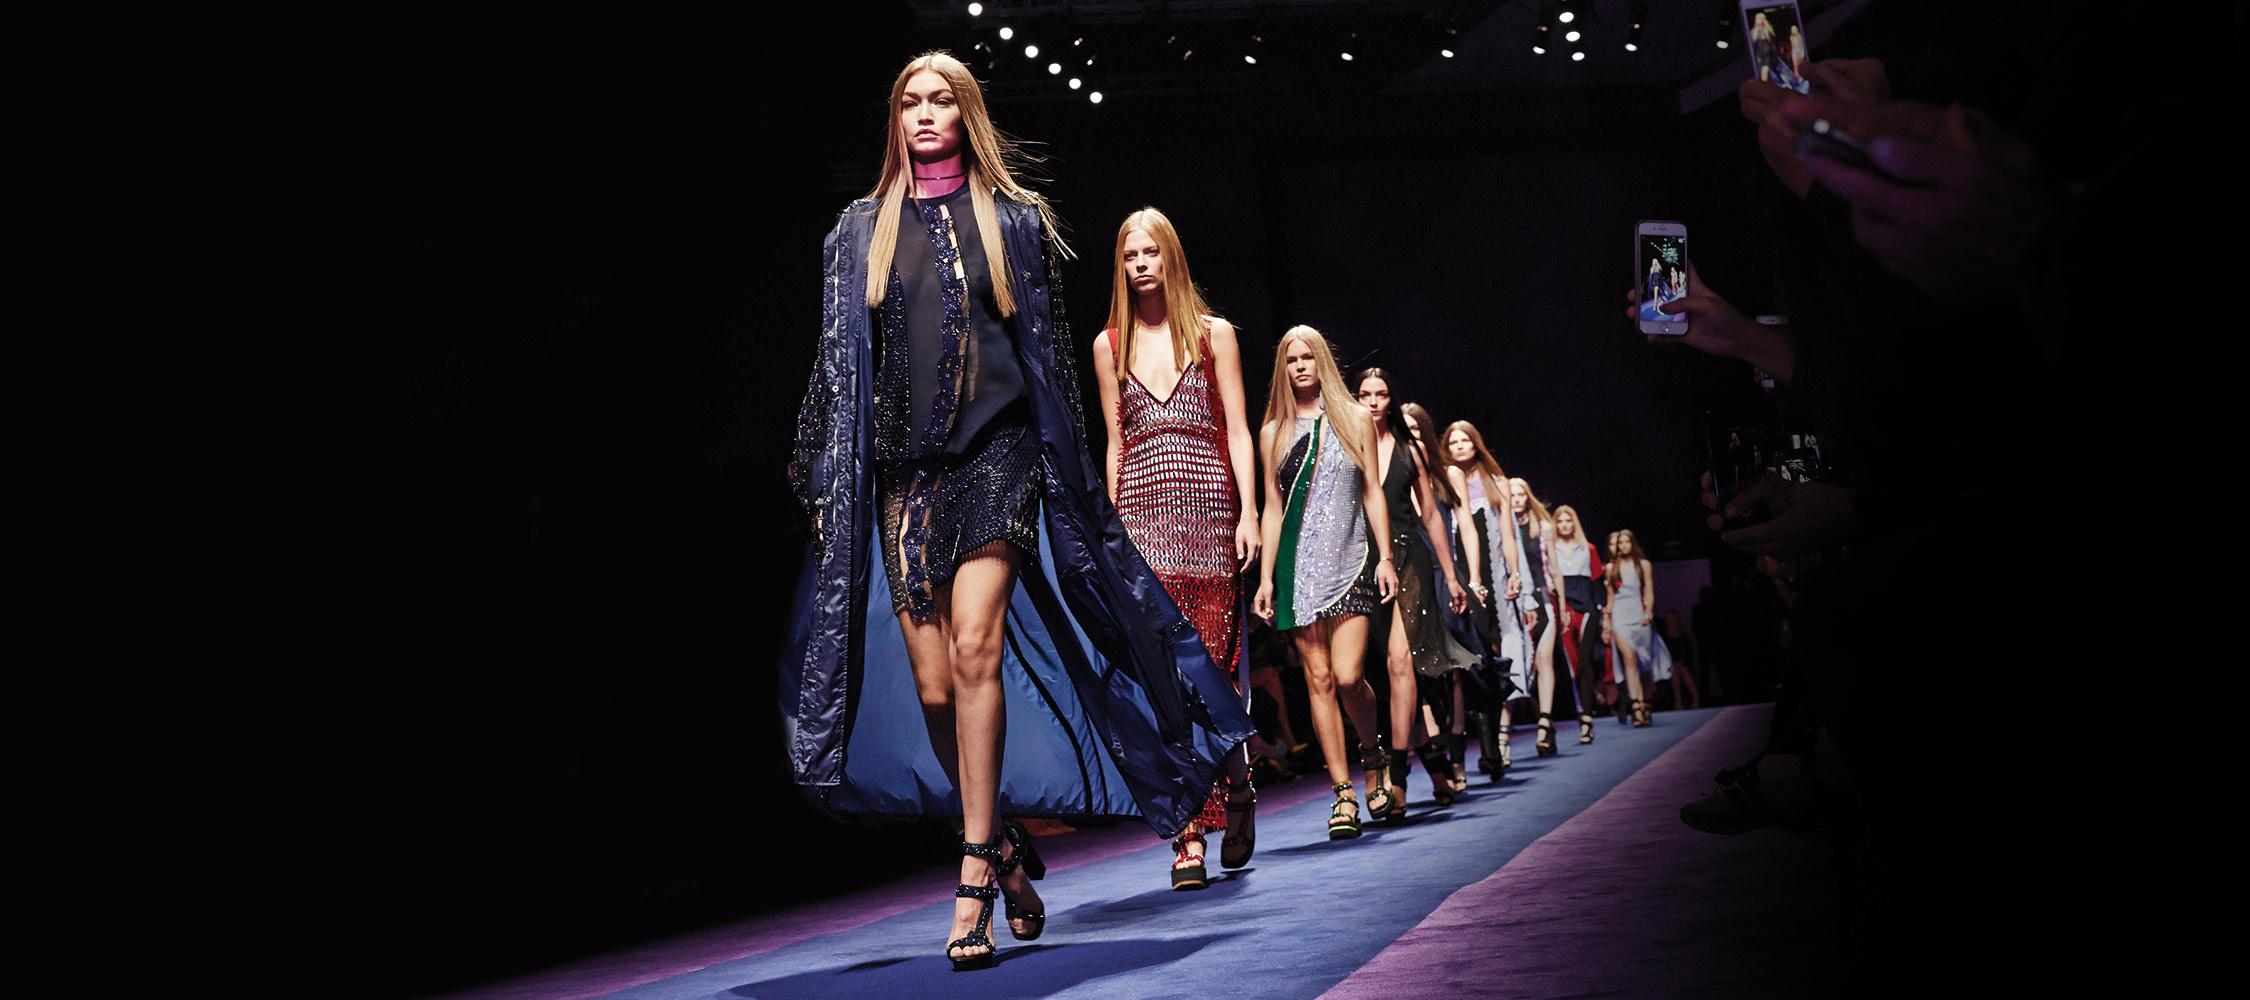 5 astuces des fashion victimes pour être à l'affut des tendances